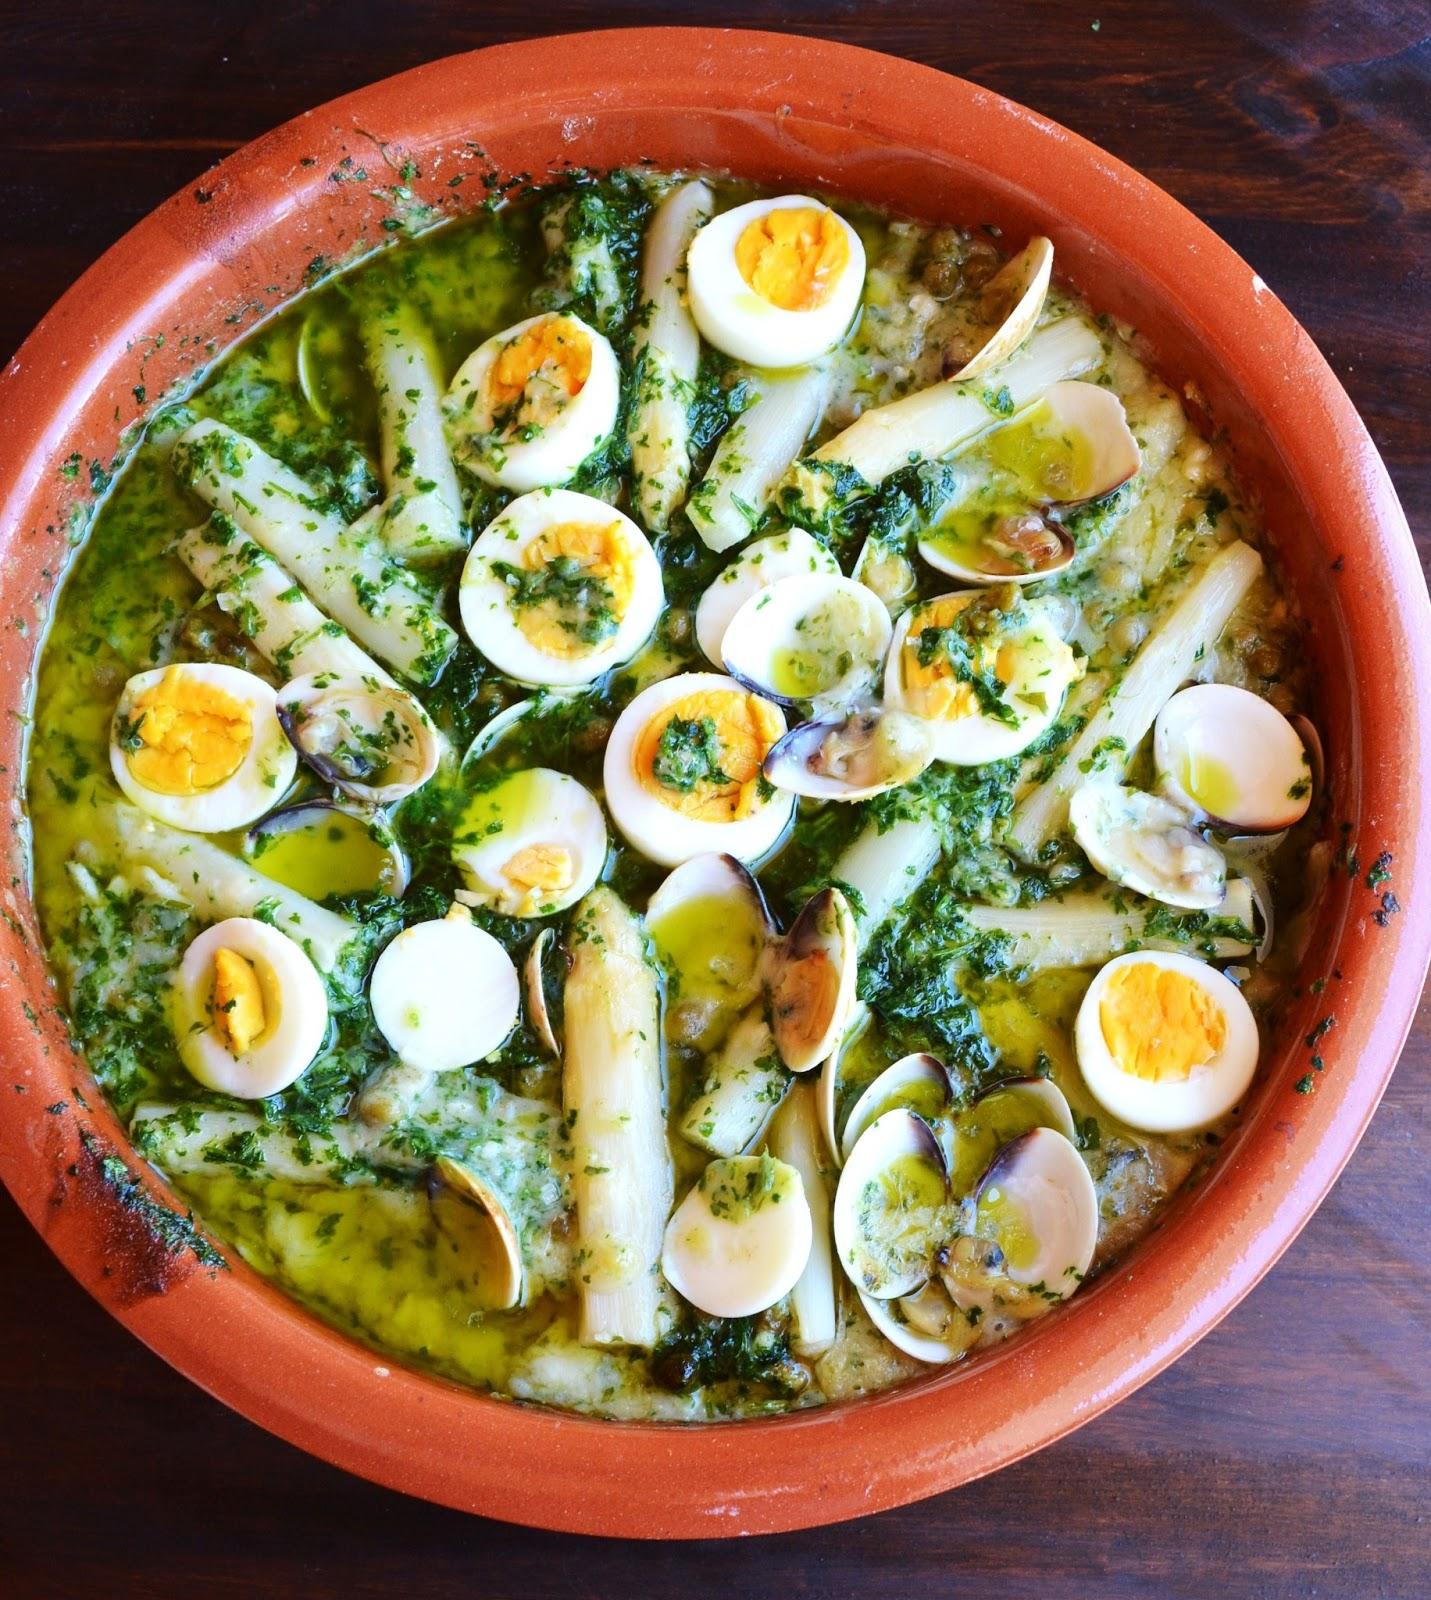 Recetas para enamorar y dulces bocaditos merluza en salsa - Salsa verde para almejas ...